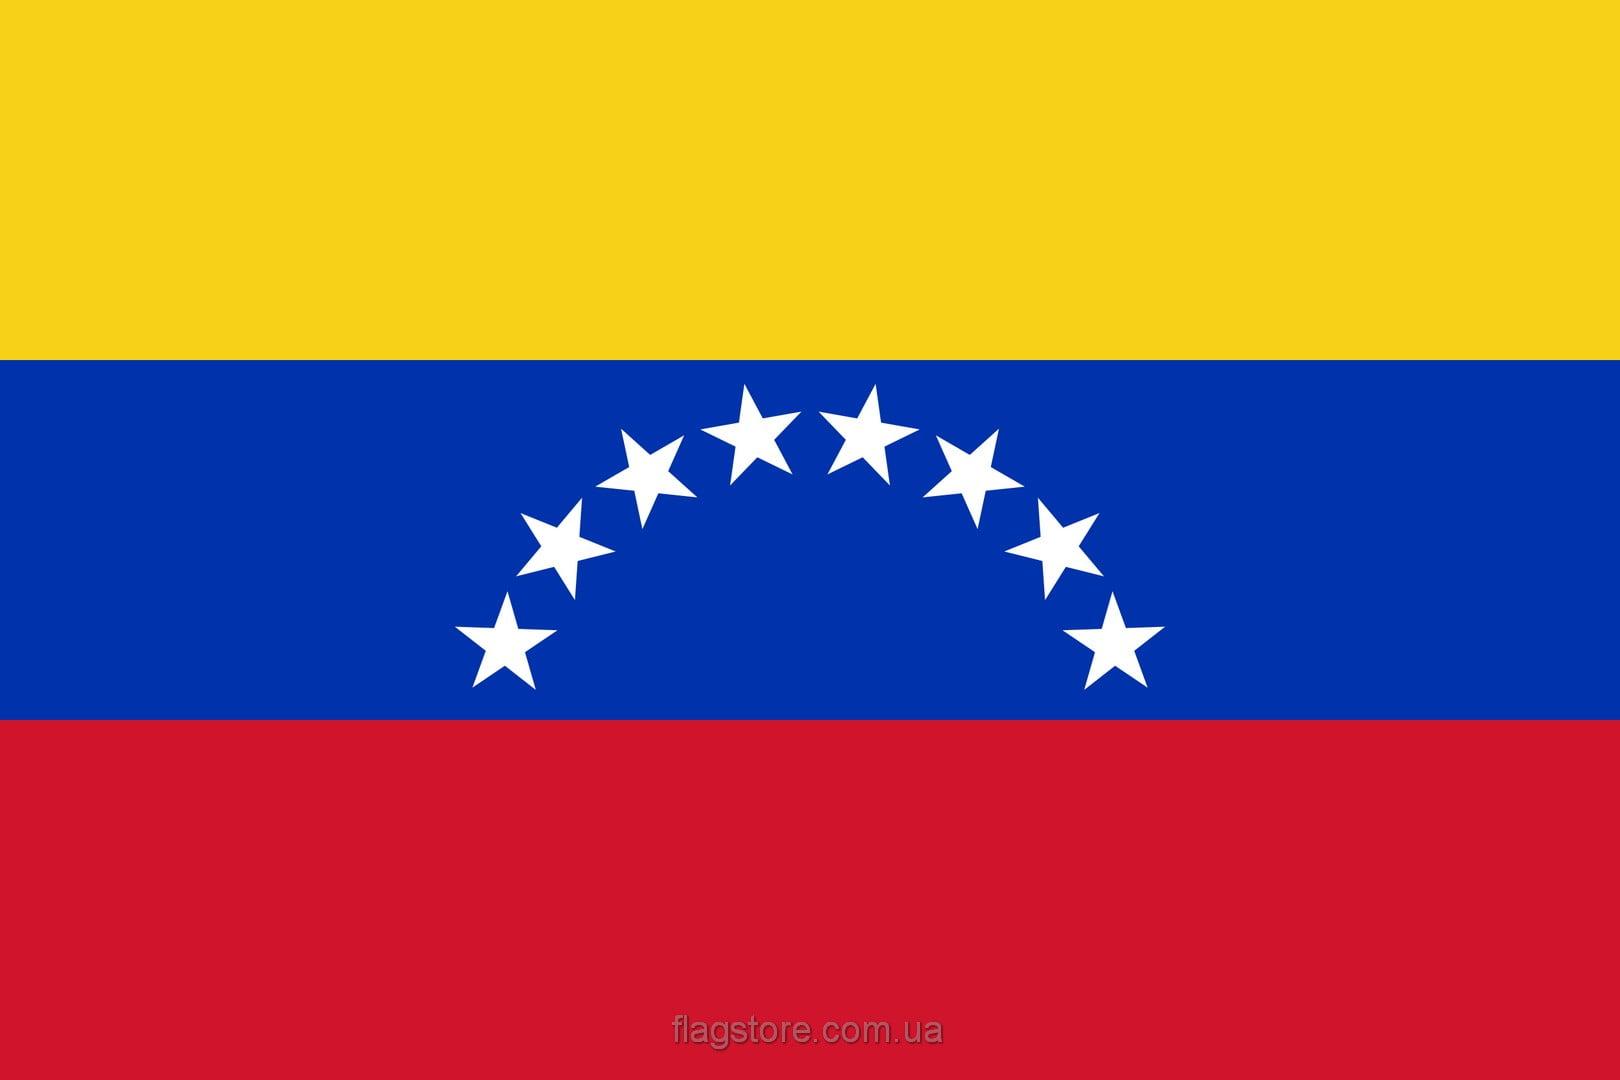 Купить флаг Венесуэлы (страны Венесуэла)